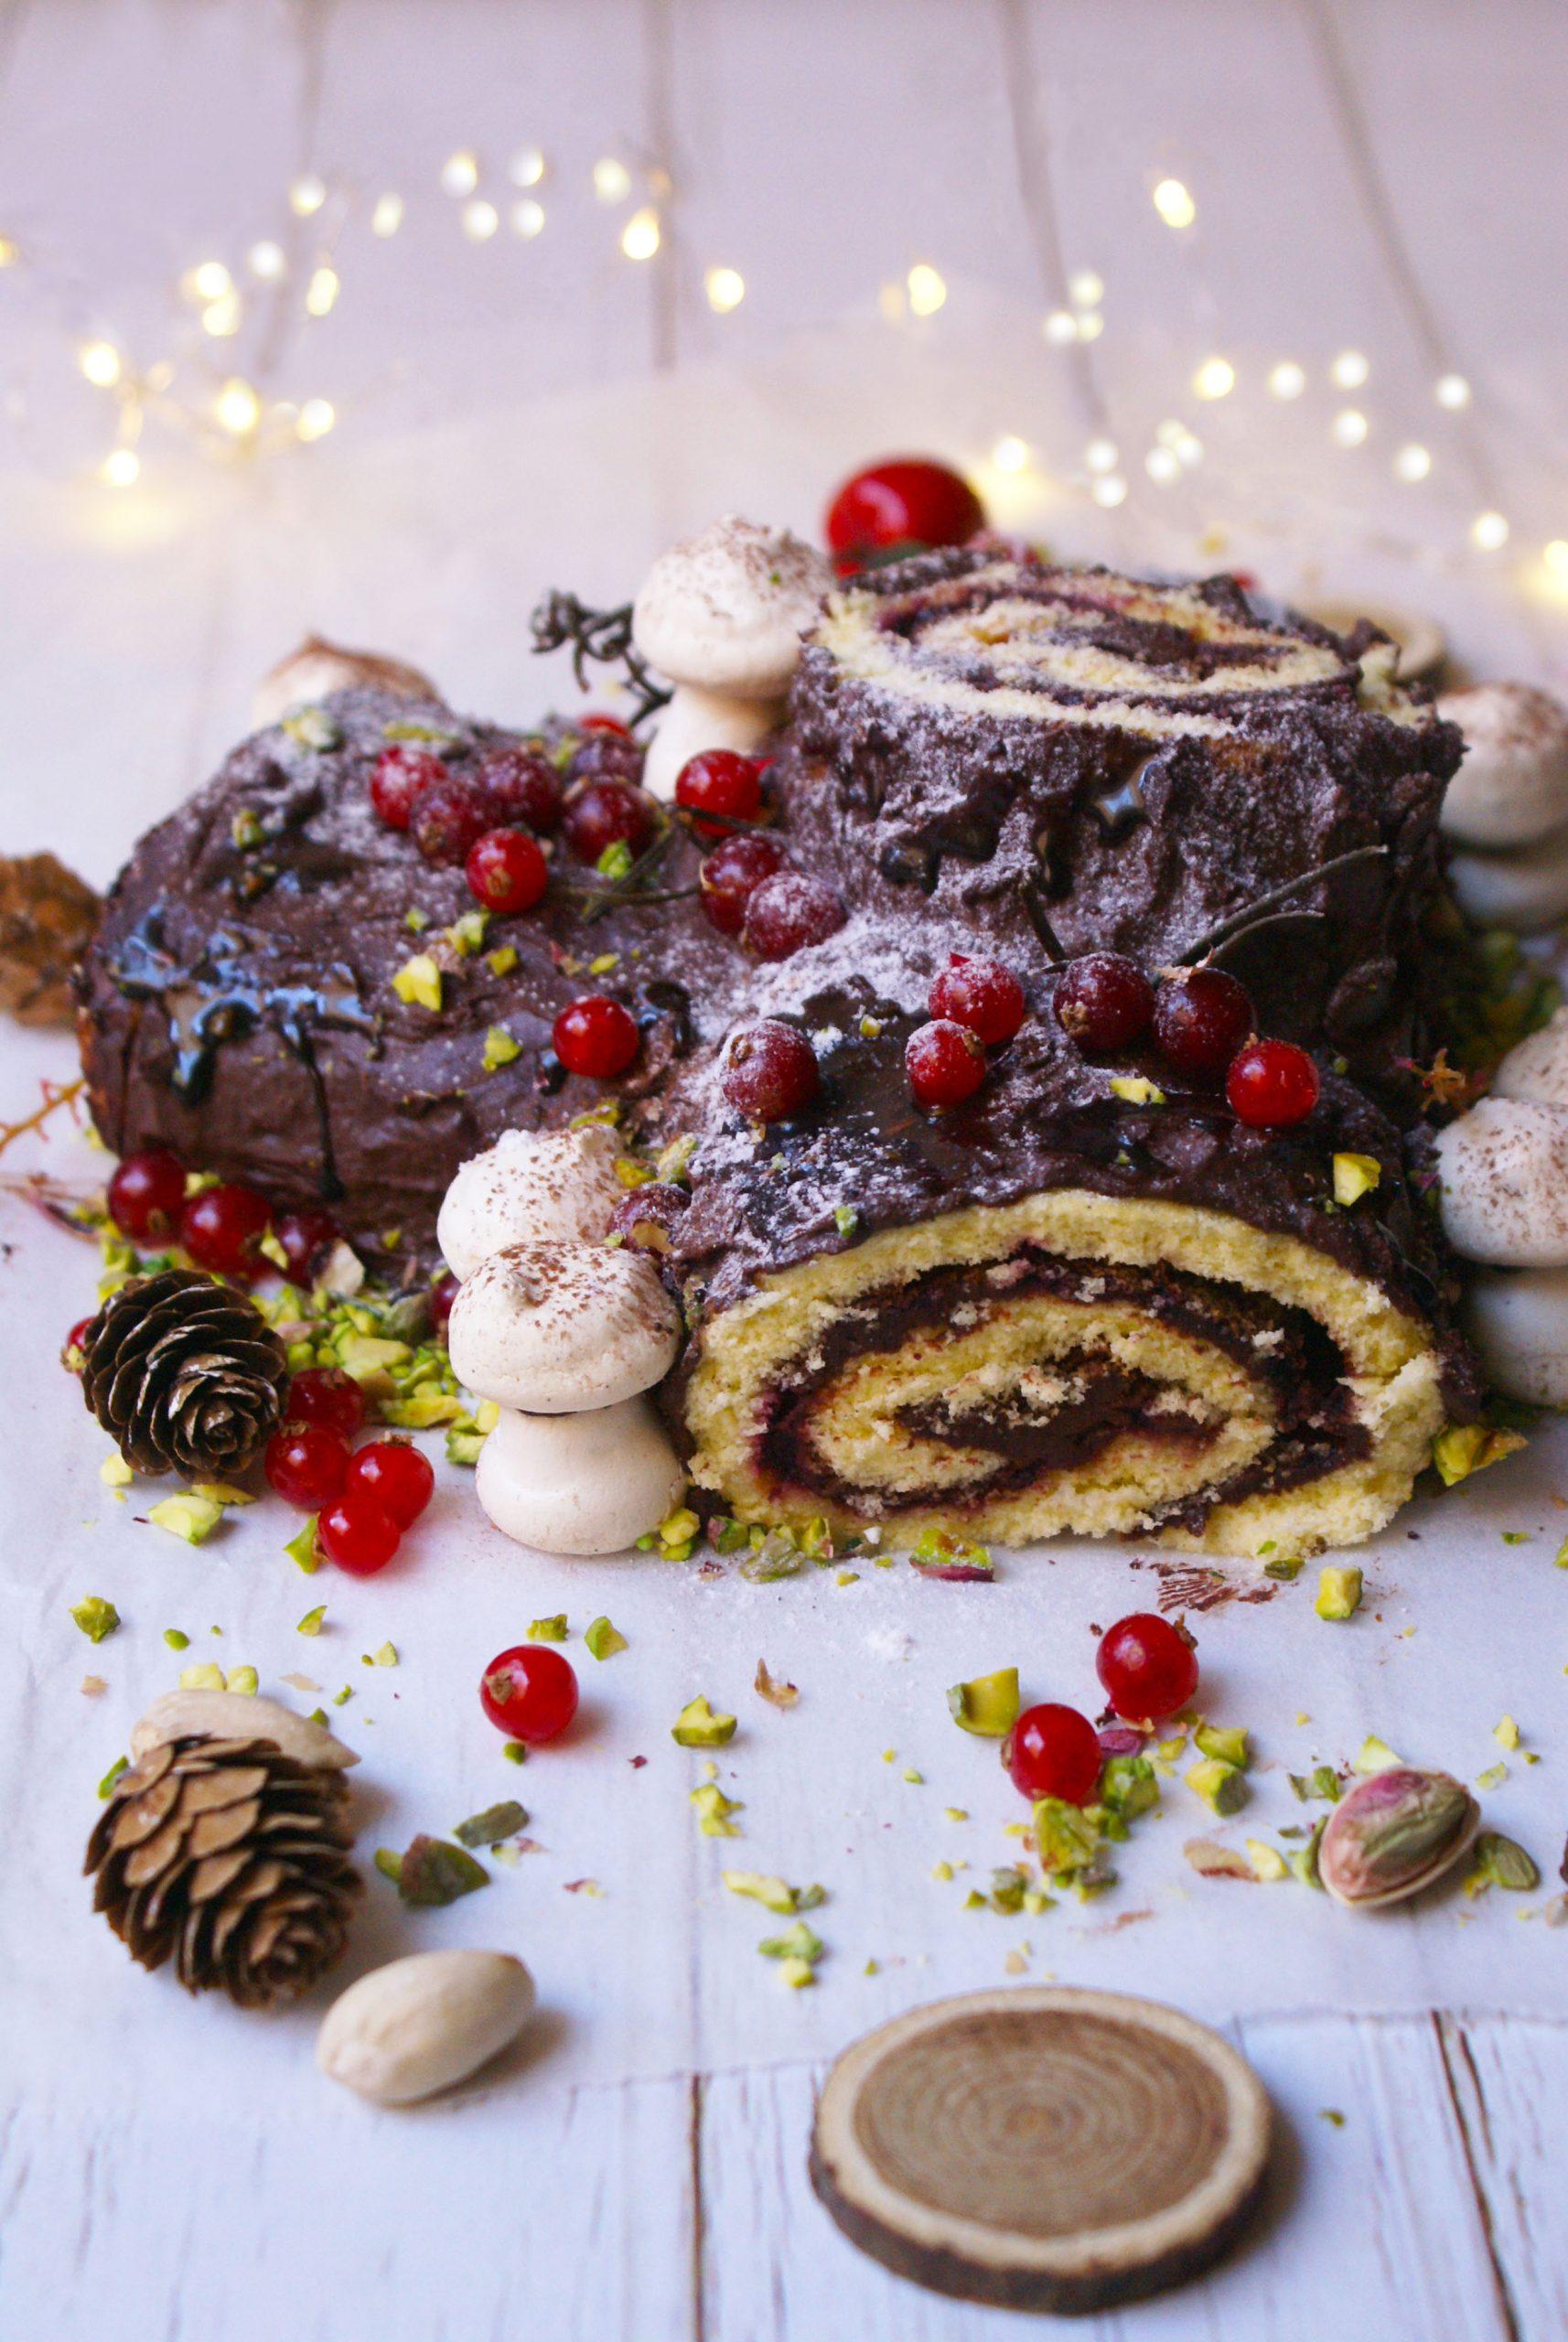 Tronchetto Di Natale X Celiaci.Tronchetto Di Natale Senza Glutine Profumo Di Buono